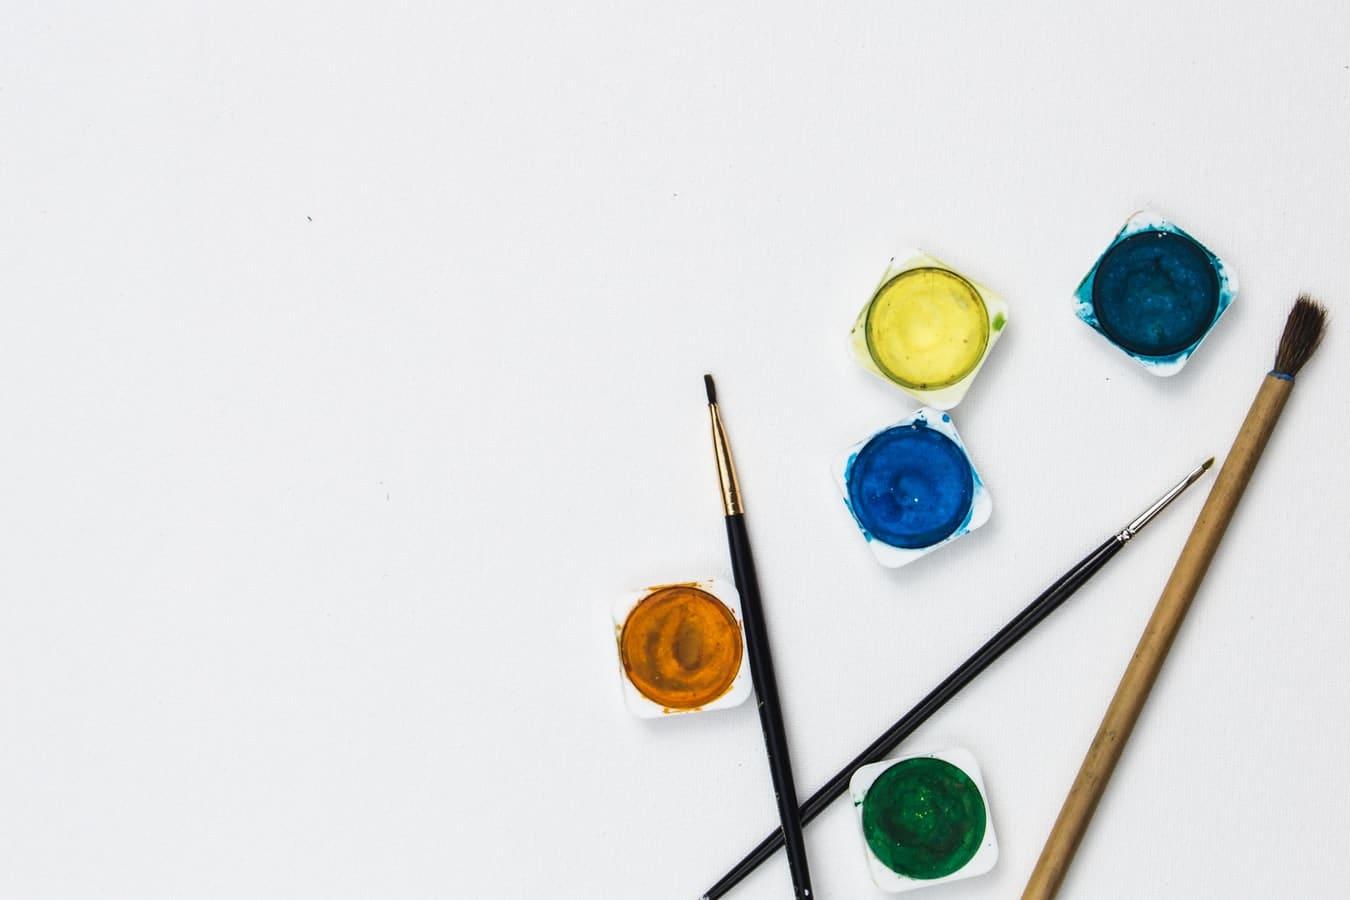 fournitures scolaires zéro déchet peinture naturelle pinceaux